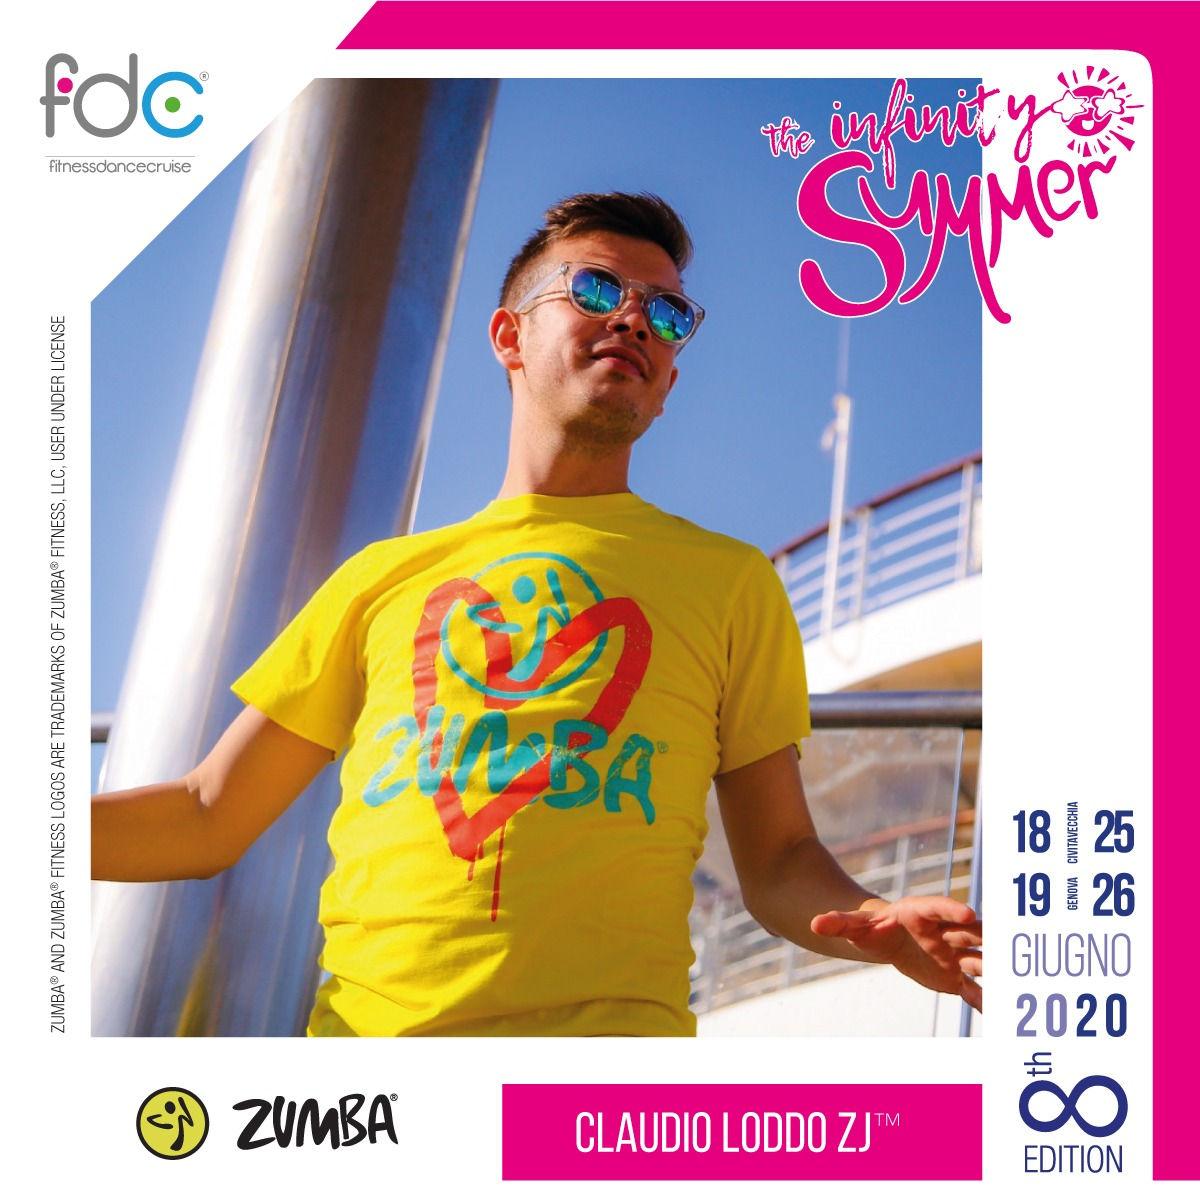 Zumba FDC Presenter Claudio Loddo